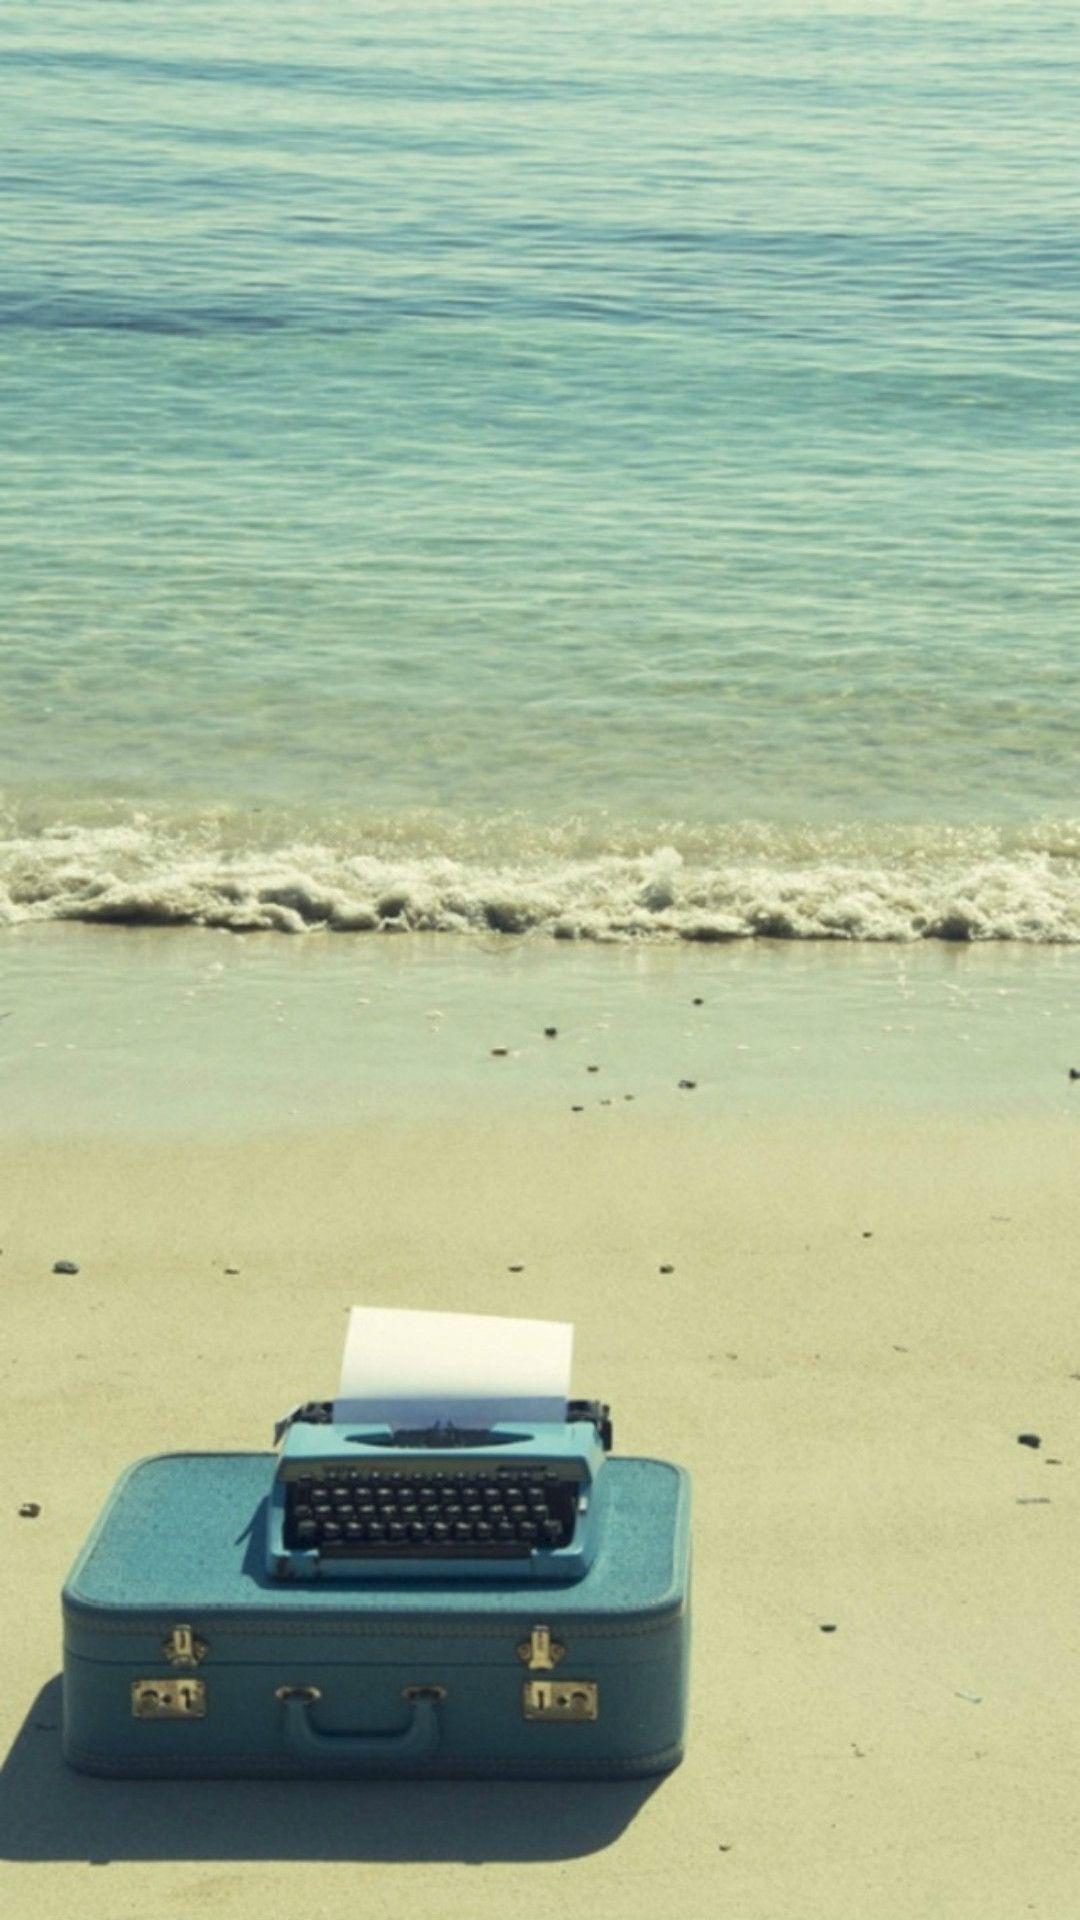 Nature Ocean Sea Beach Suitcase Fax iPhone 6 plus